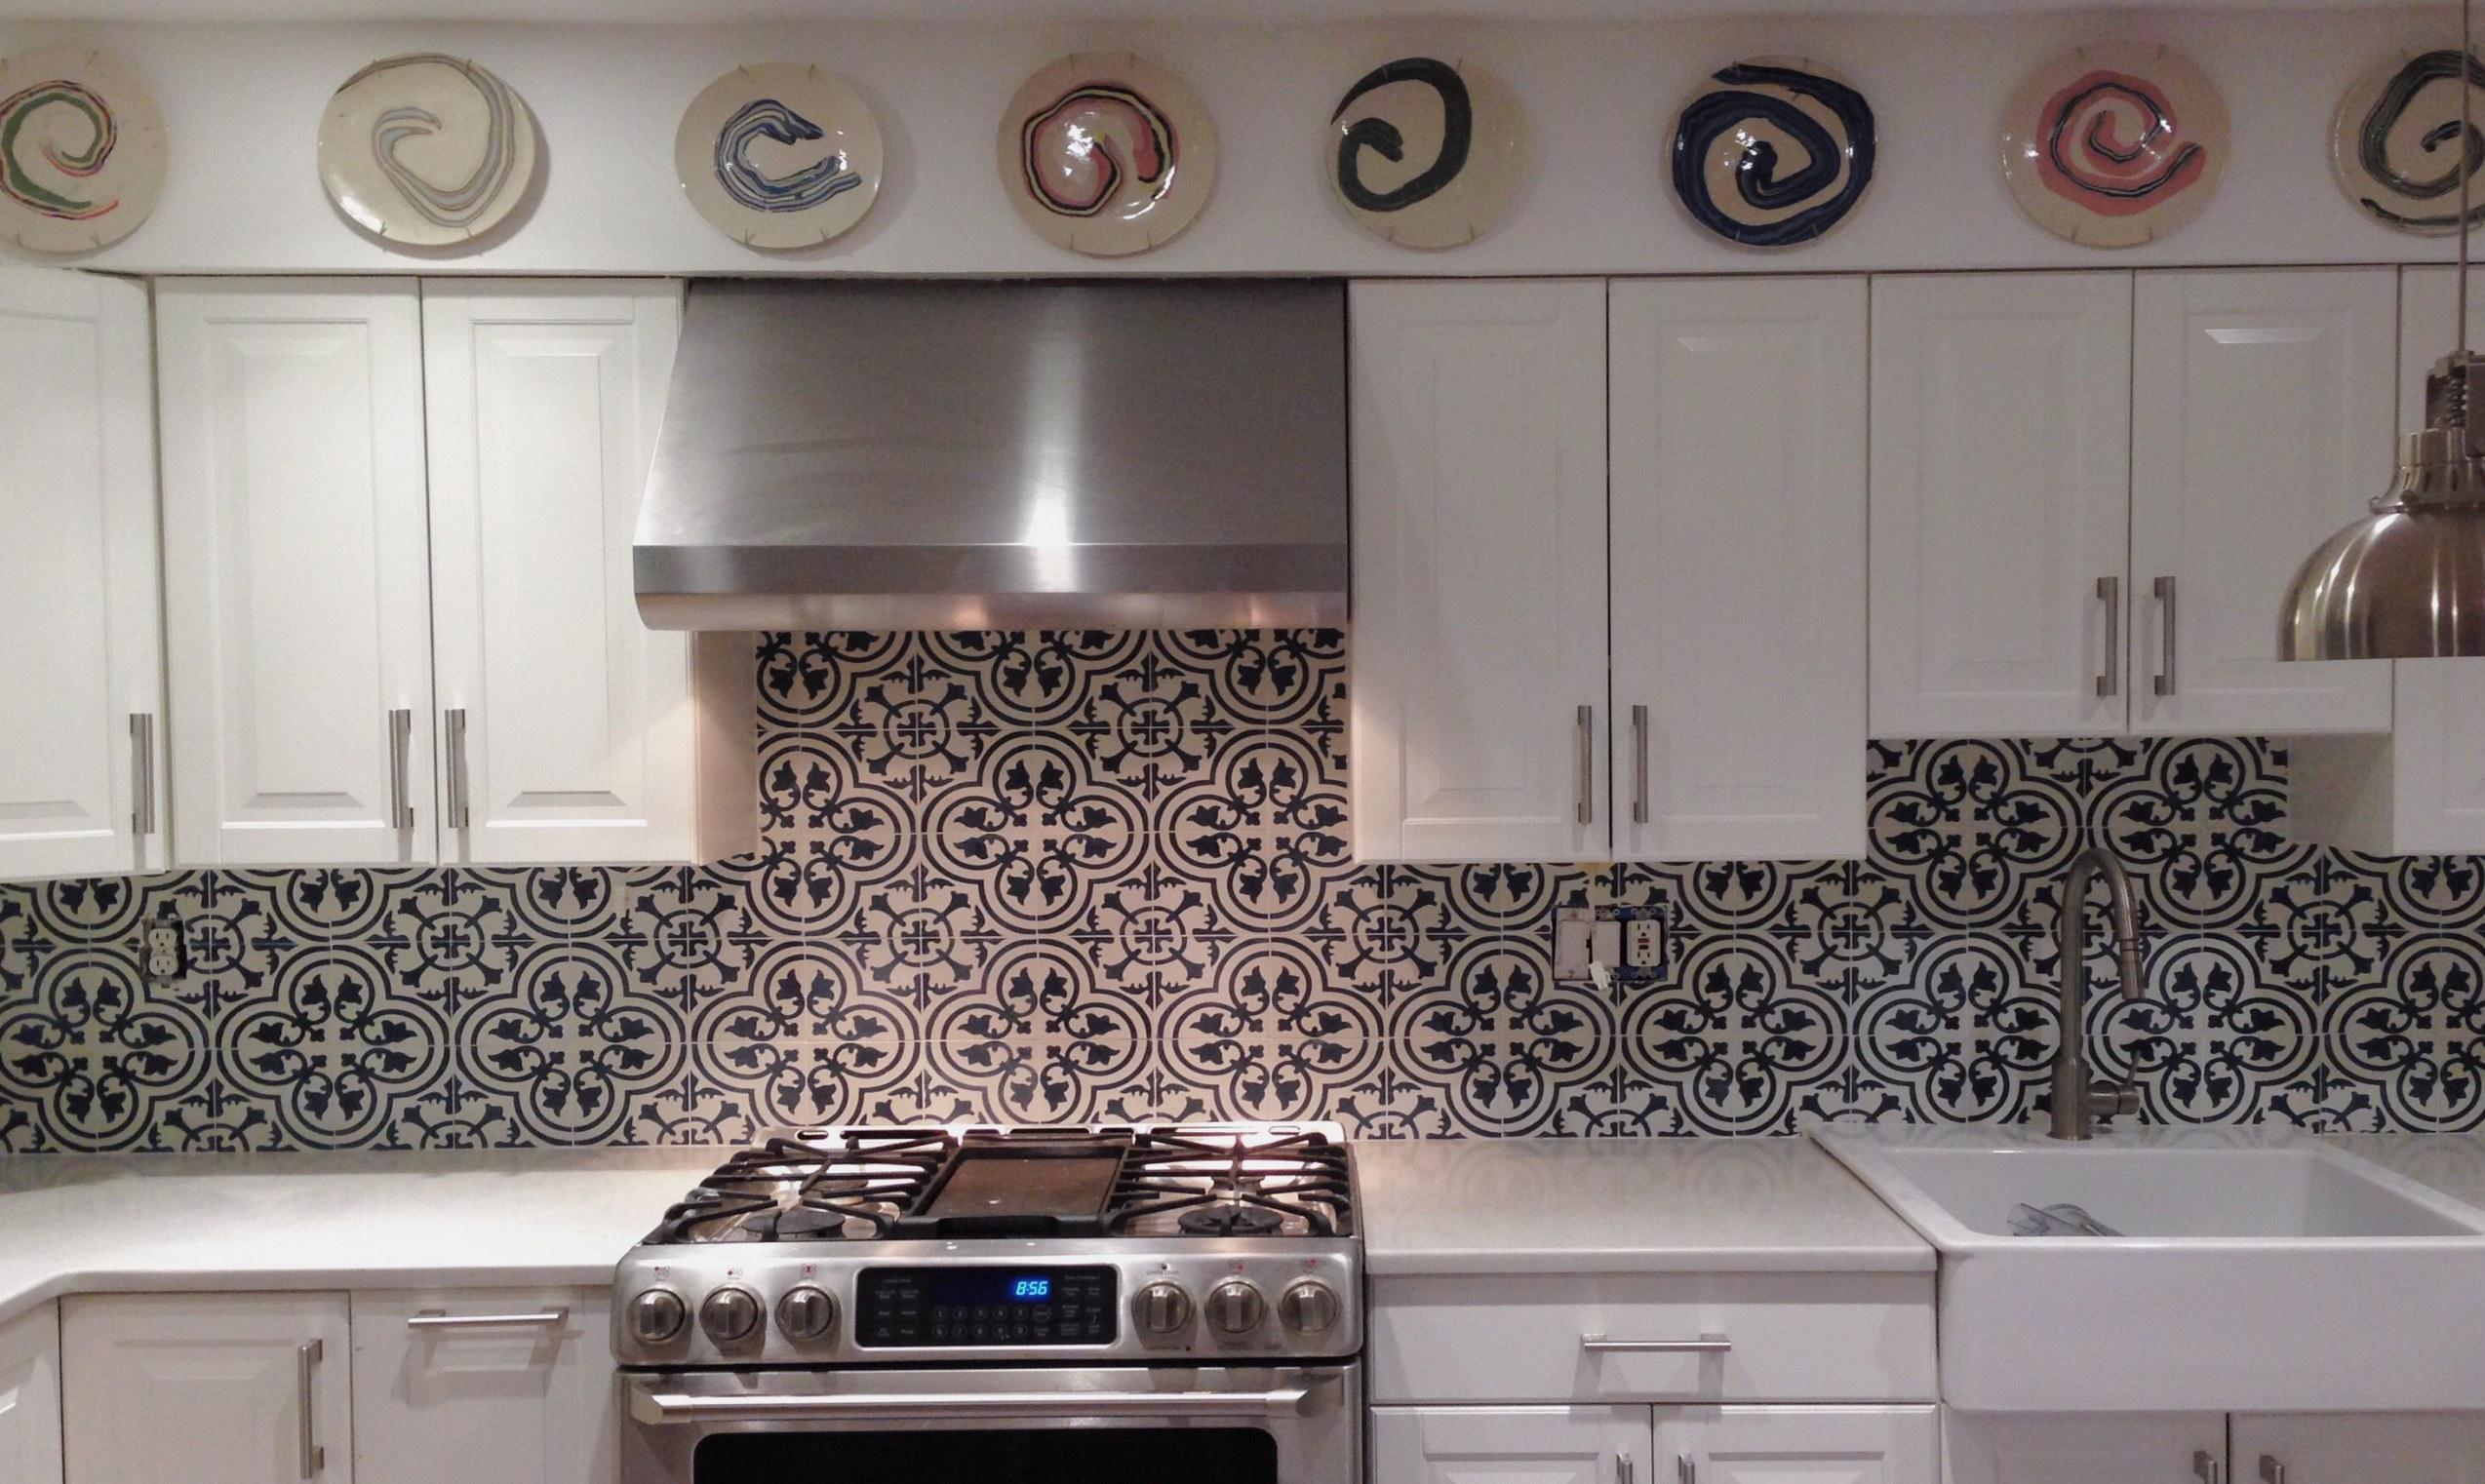 patterned tile backsplash accent tiles for kitchen backsplash idea style design roni of patterned tile backsplash 1